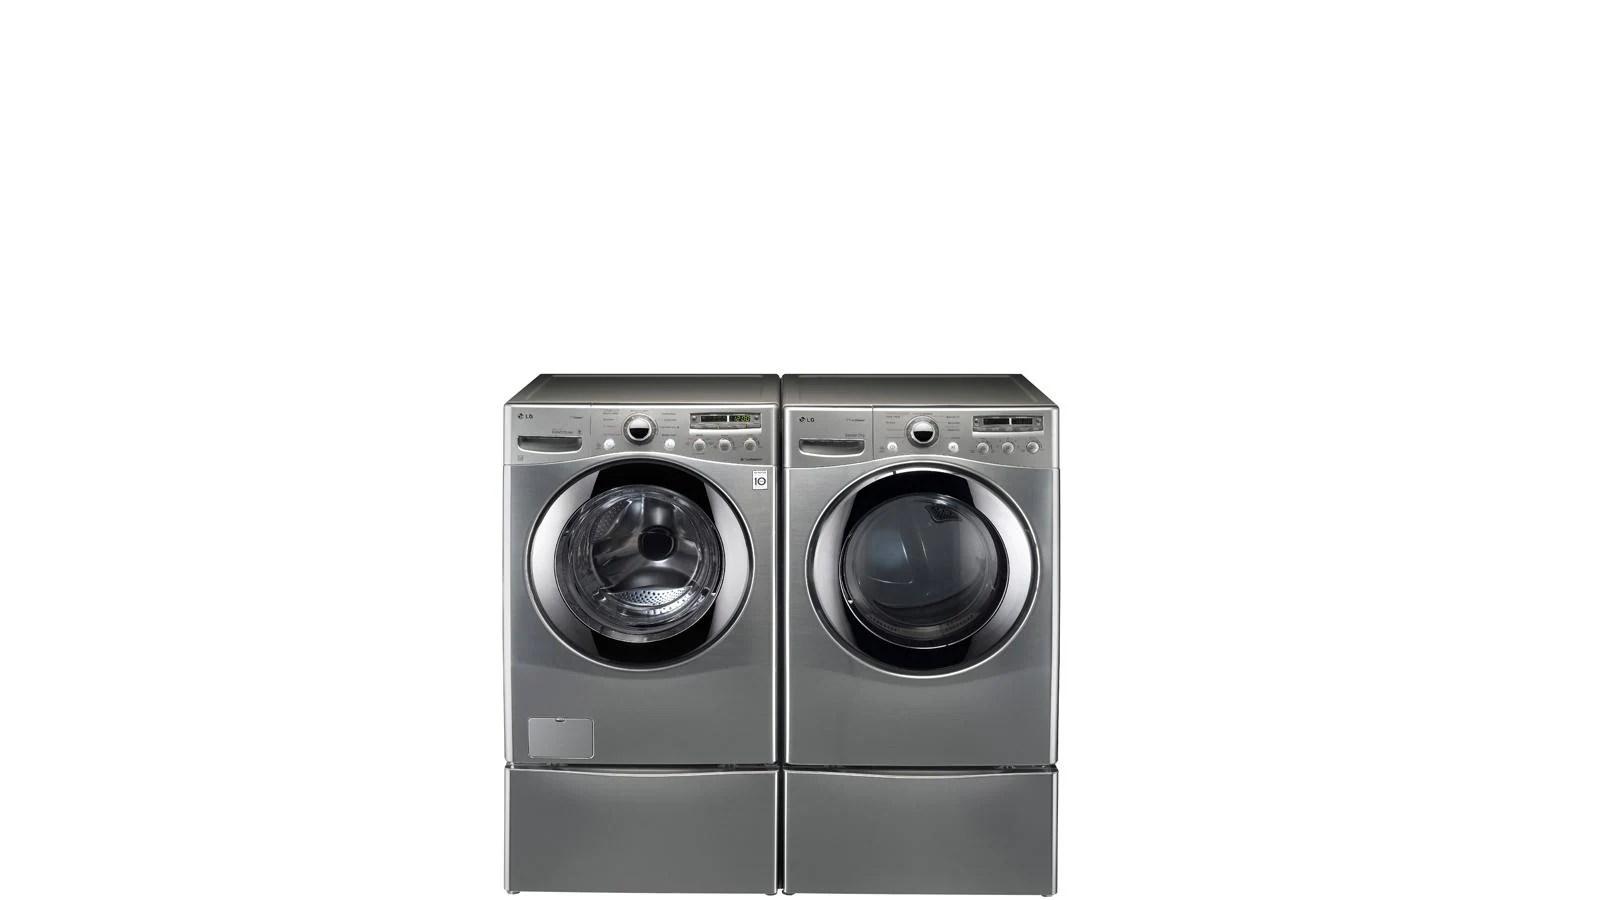 Lg Washer Dryer Pedestal With Storage Drawer